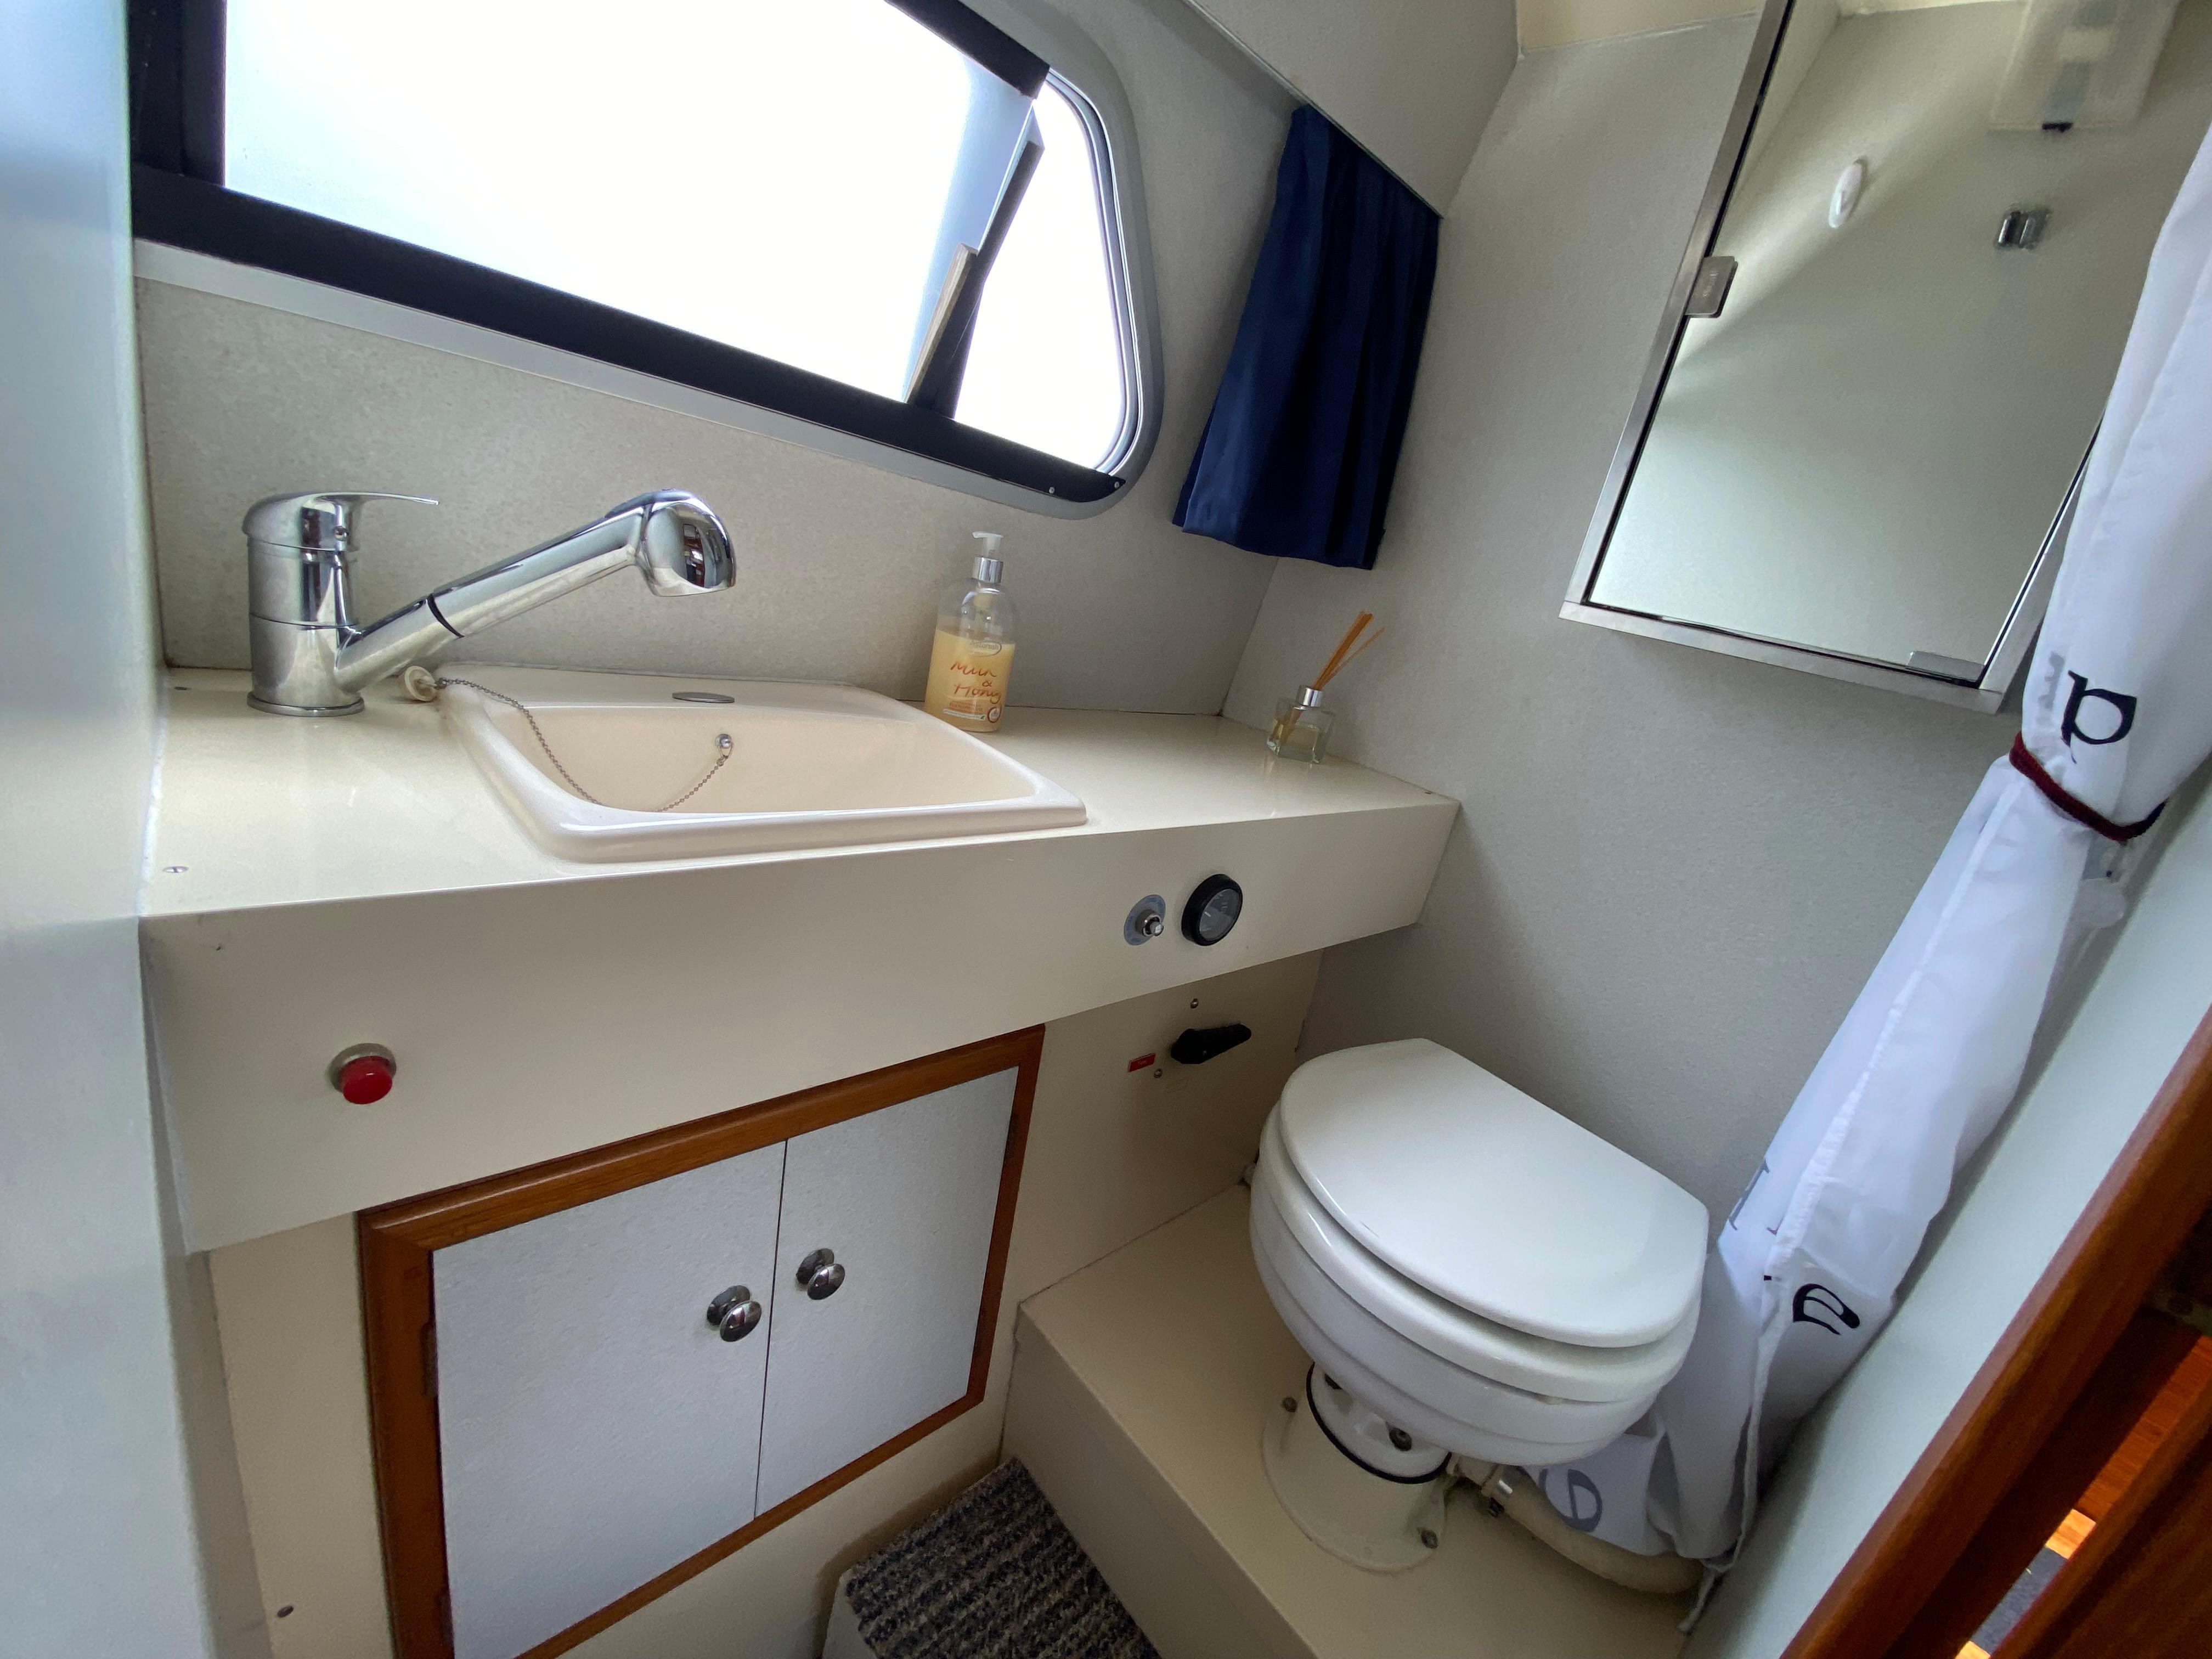 1992 Sheerline 740 Aft cockpit